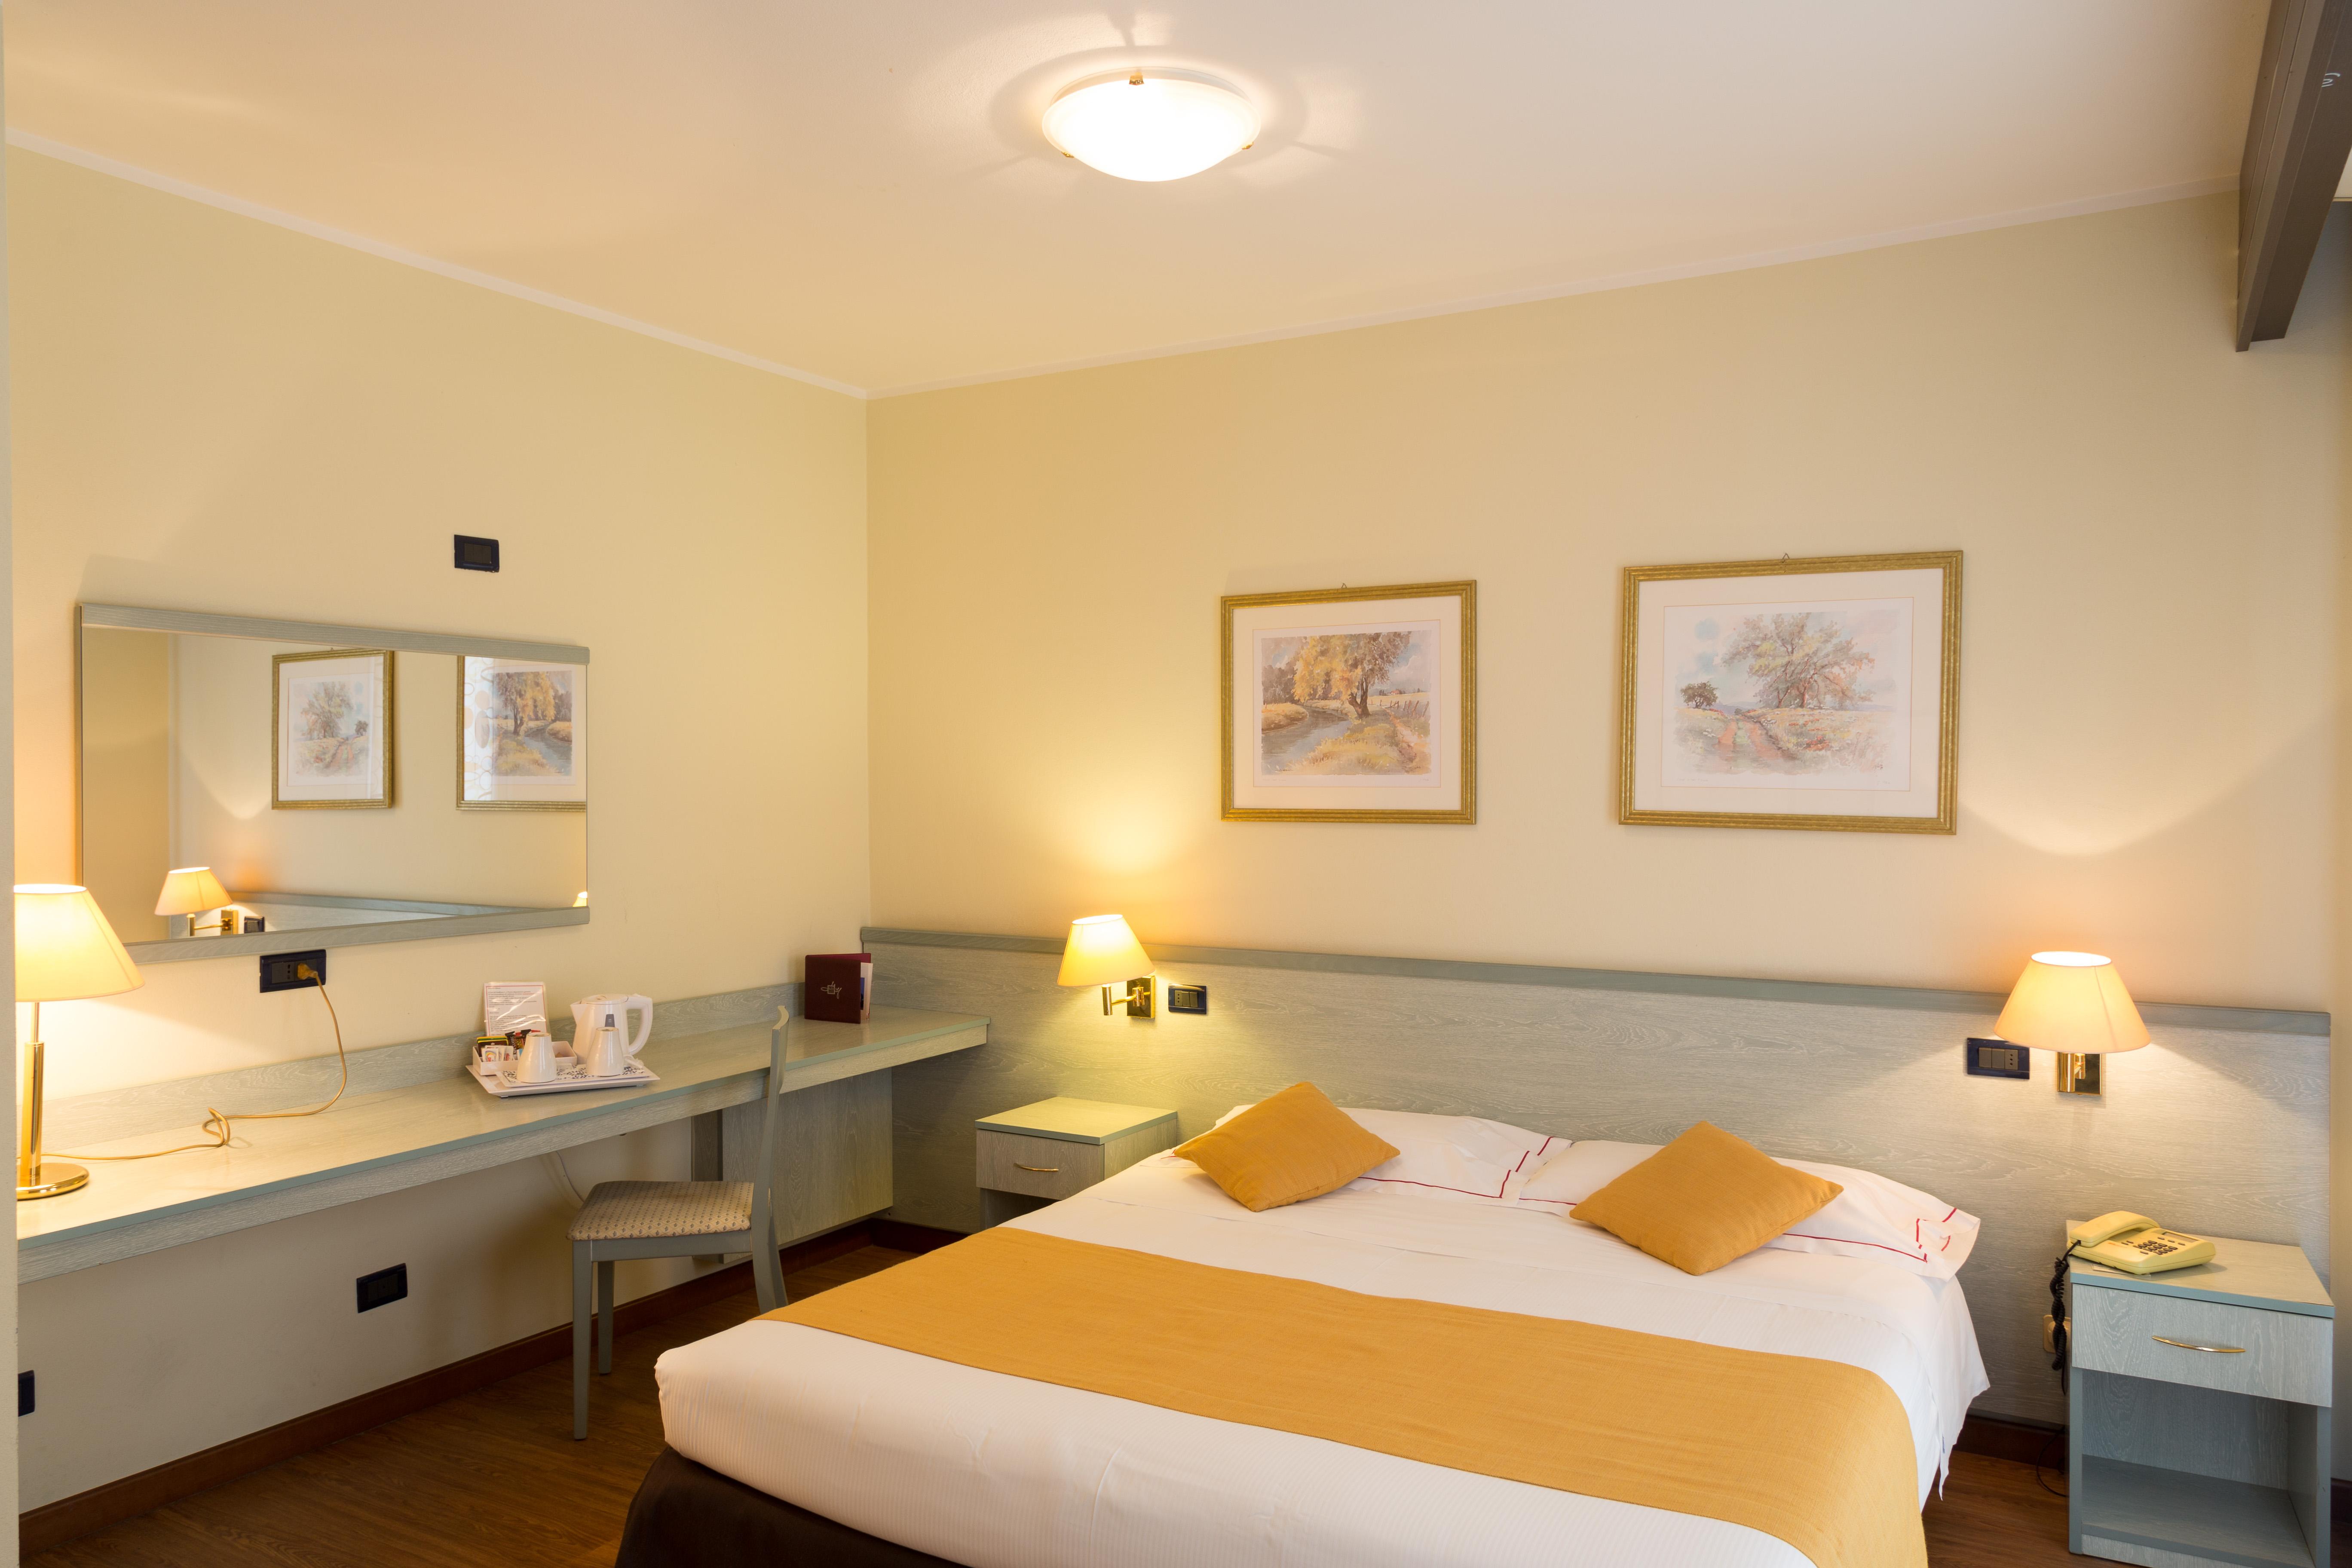 Hotel con Camere spaziose a Parma: Relax e Benessere.. Hotel Campus